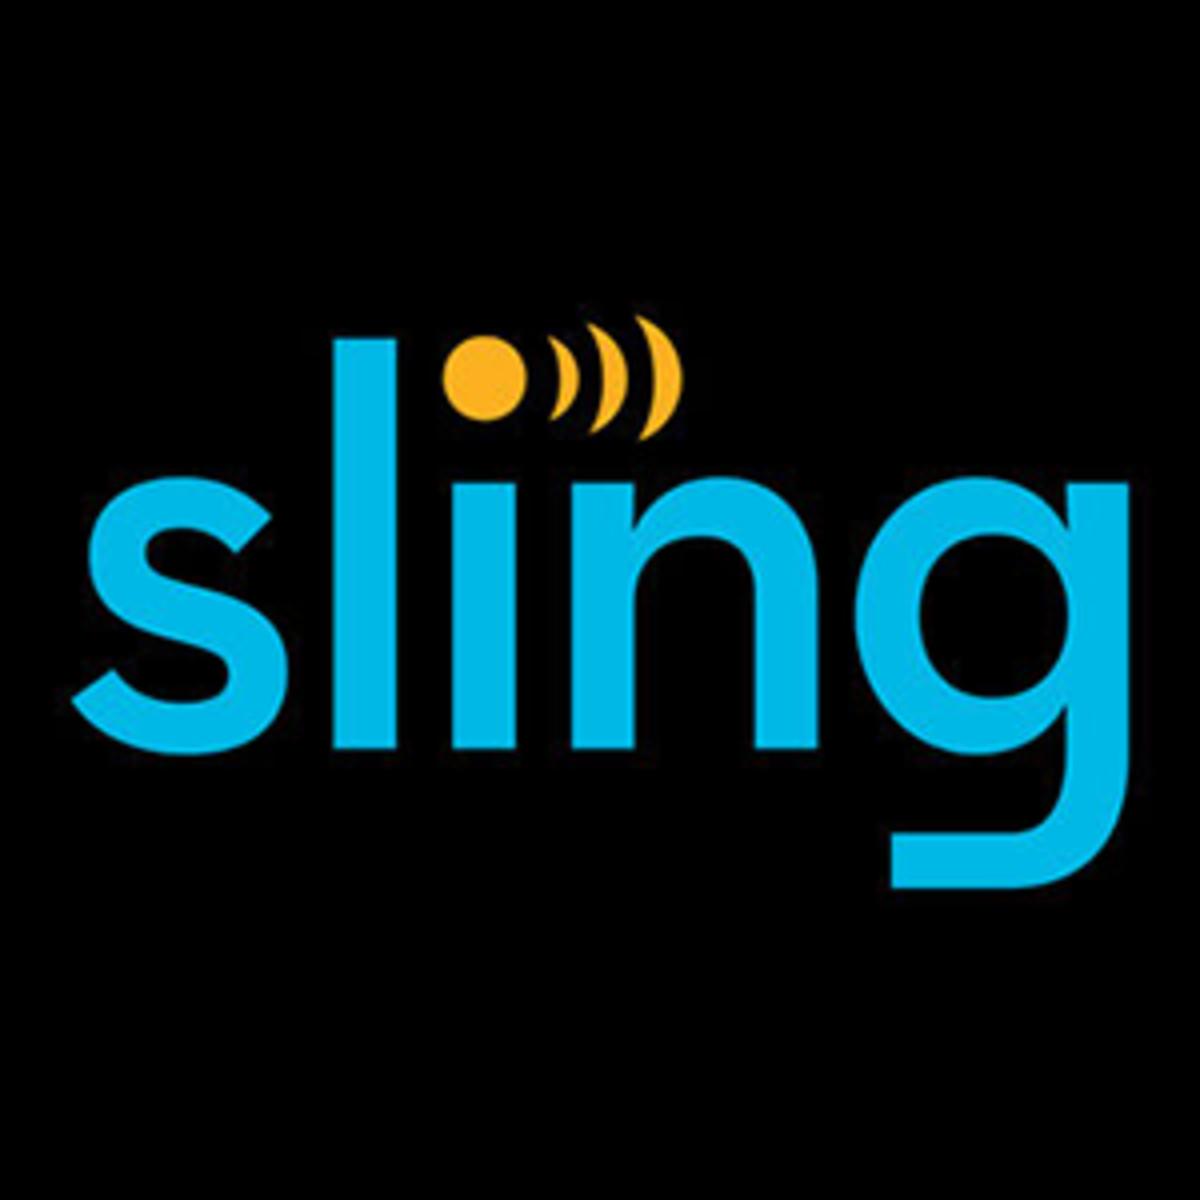 NASCAR live stream: Sling TV